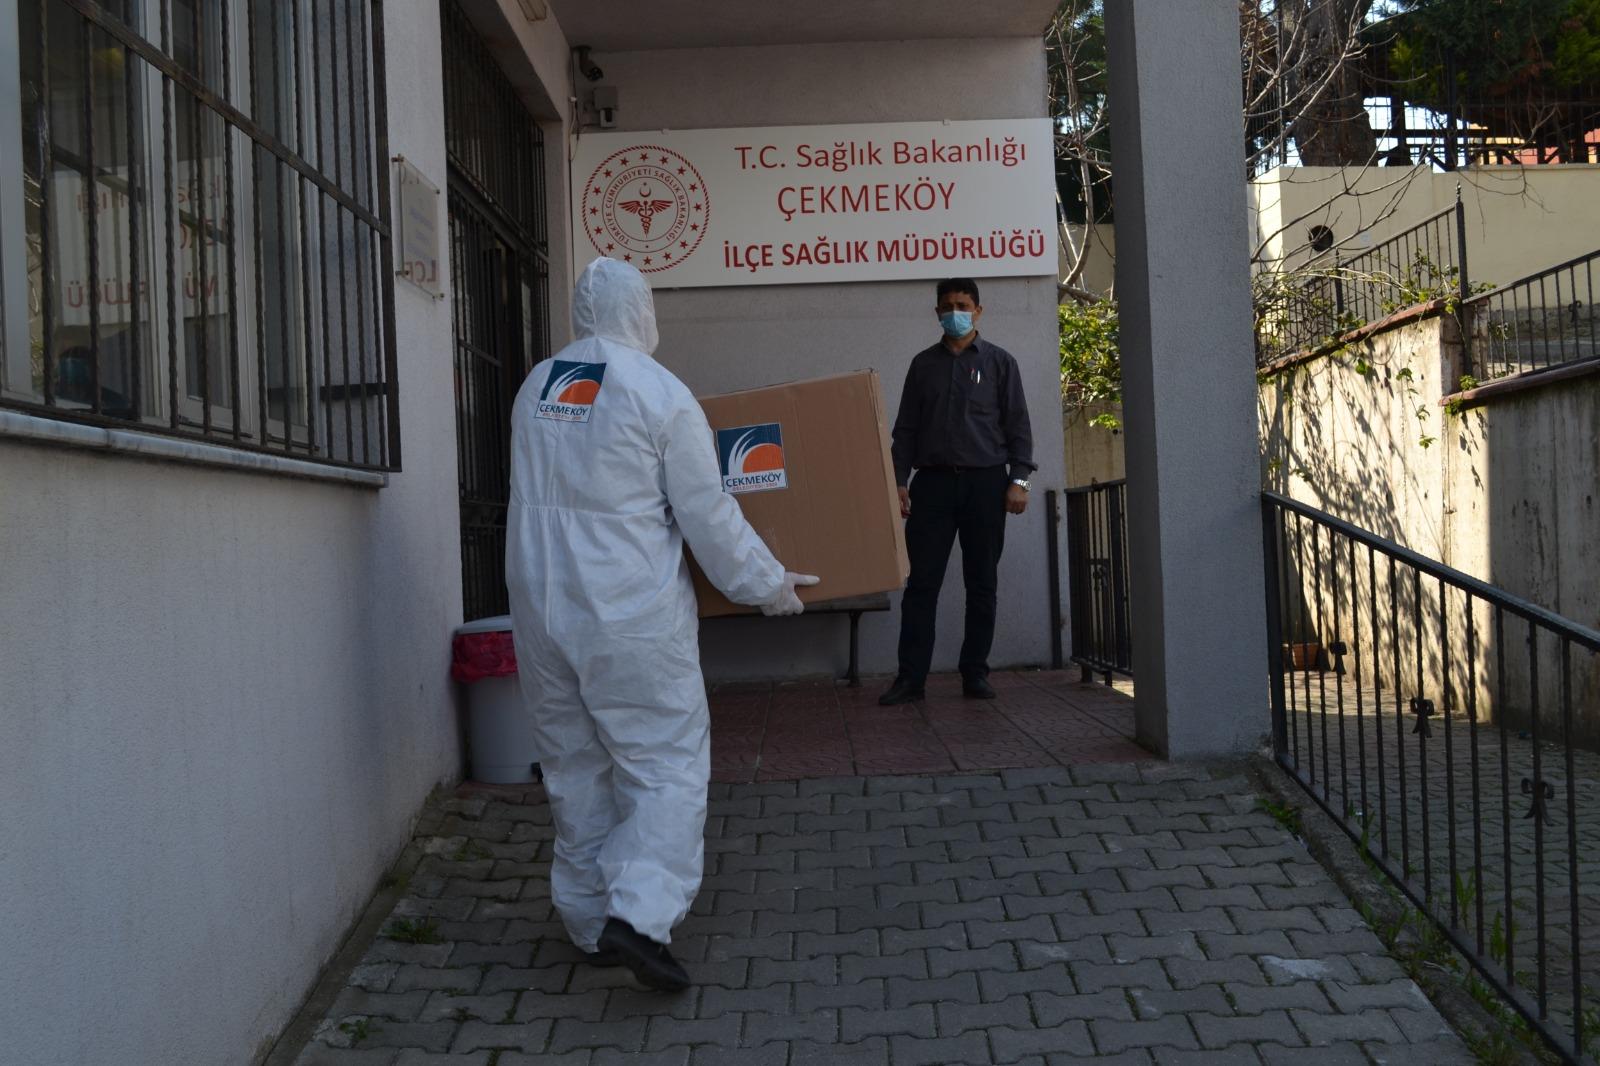 cekmekoey-belediyesi-nden-ilce-saglik-mueduerluegue-ne-yuez-koruyucu-siperlik-maske-destegi